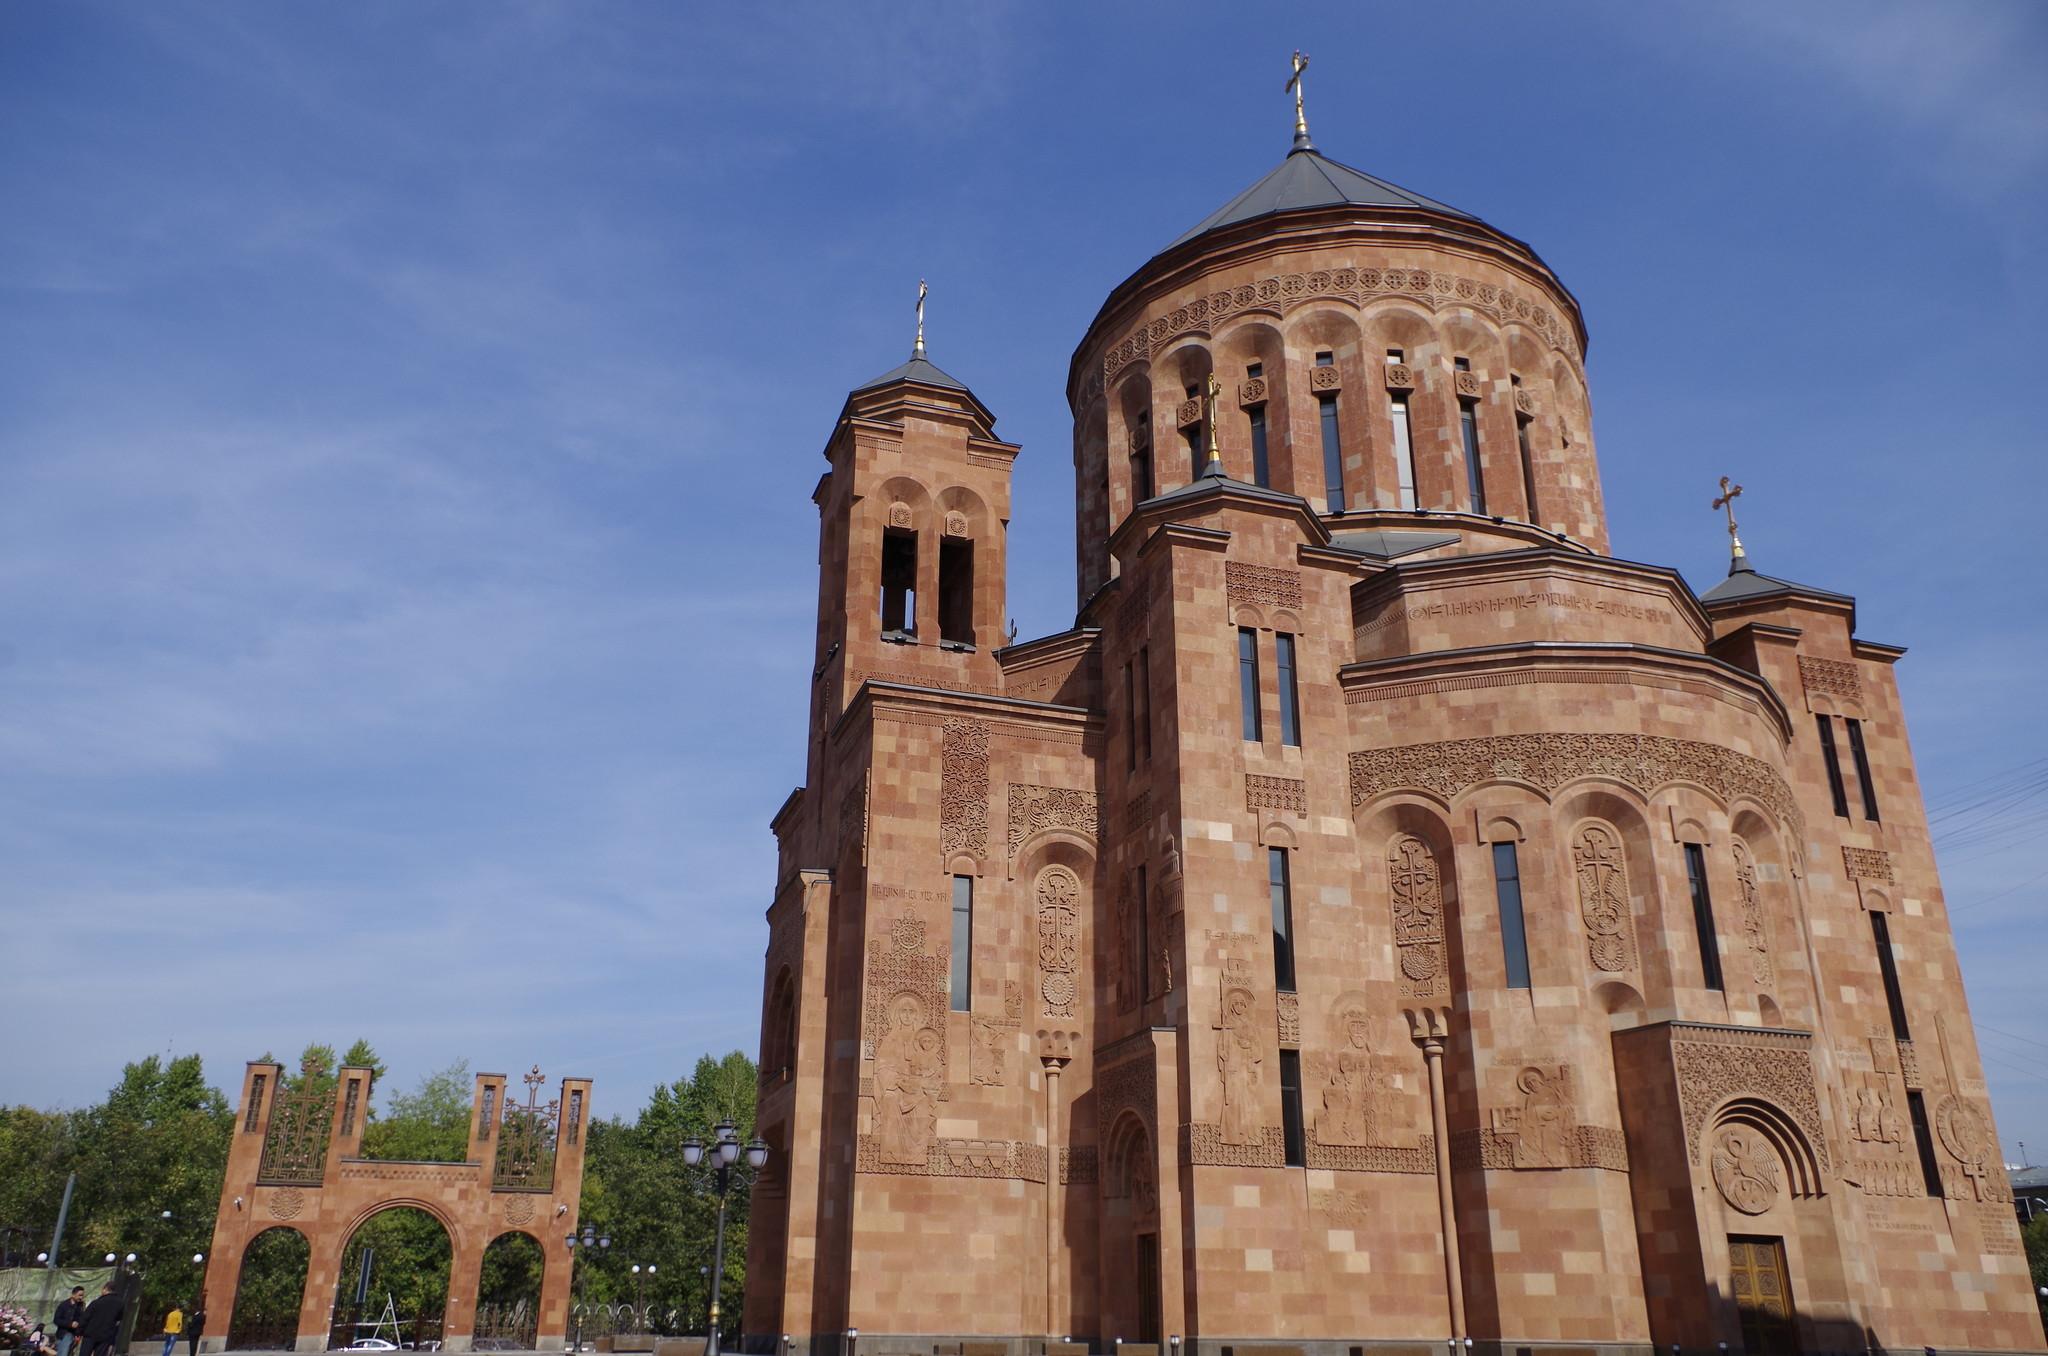 Кафедральный собор Преображения Господня (Трифоновская улица, вл. 24)